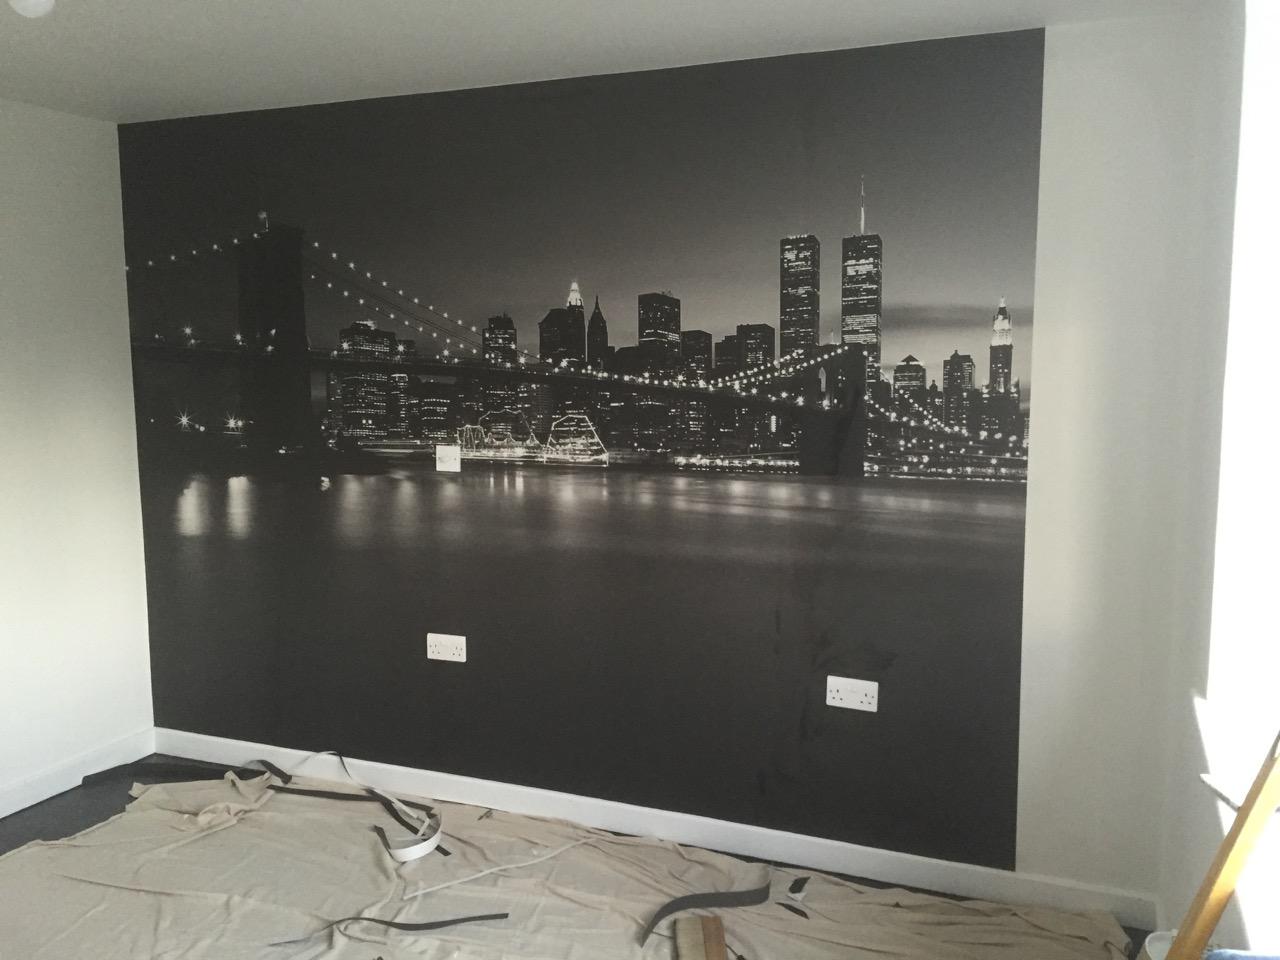 http://www.everettpainting.biz/wp-content/uploads/2014/12/mural-bw3.jpeg